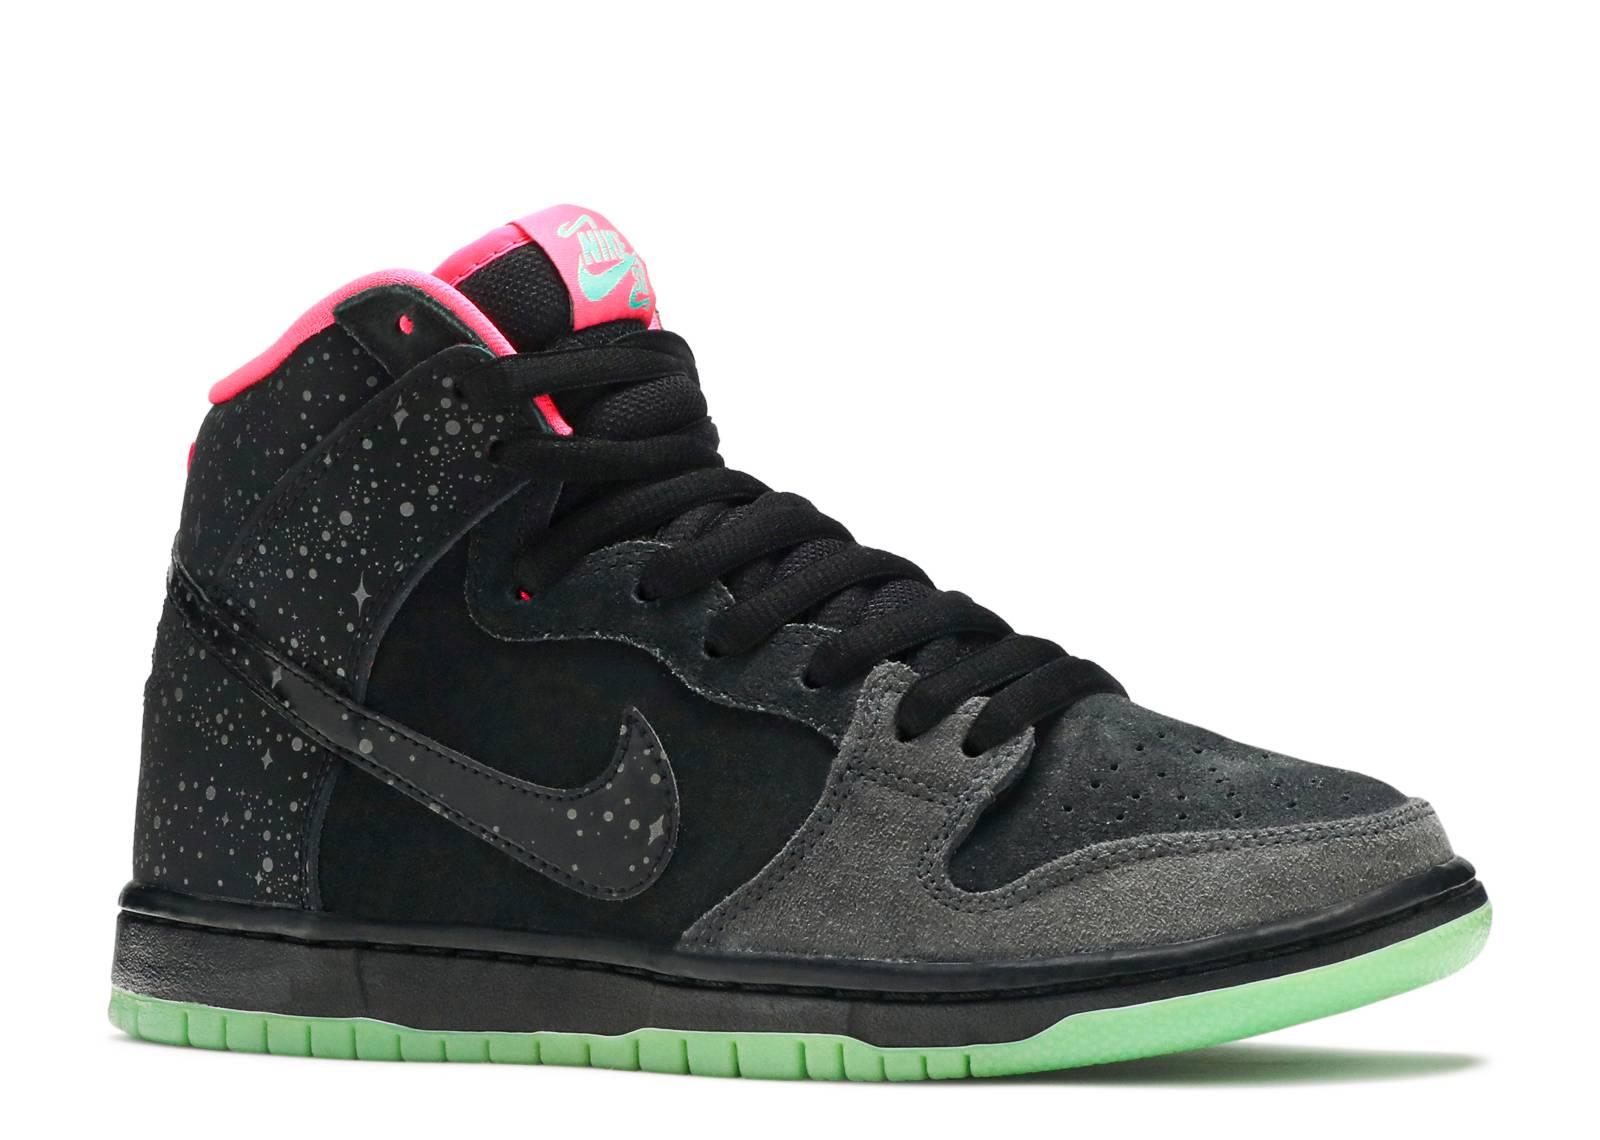 Nike Sb Shoes Northern Lights